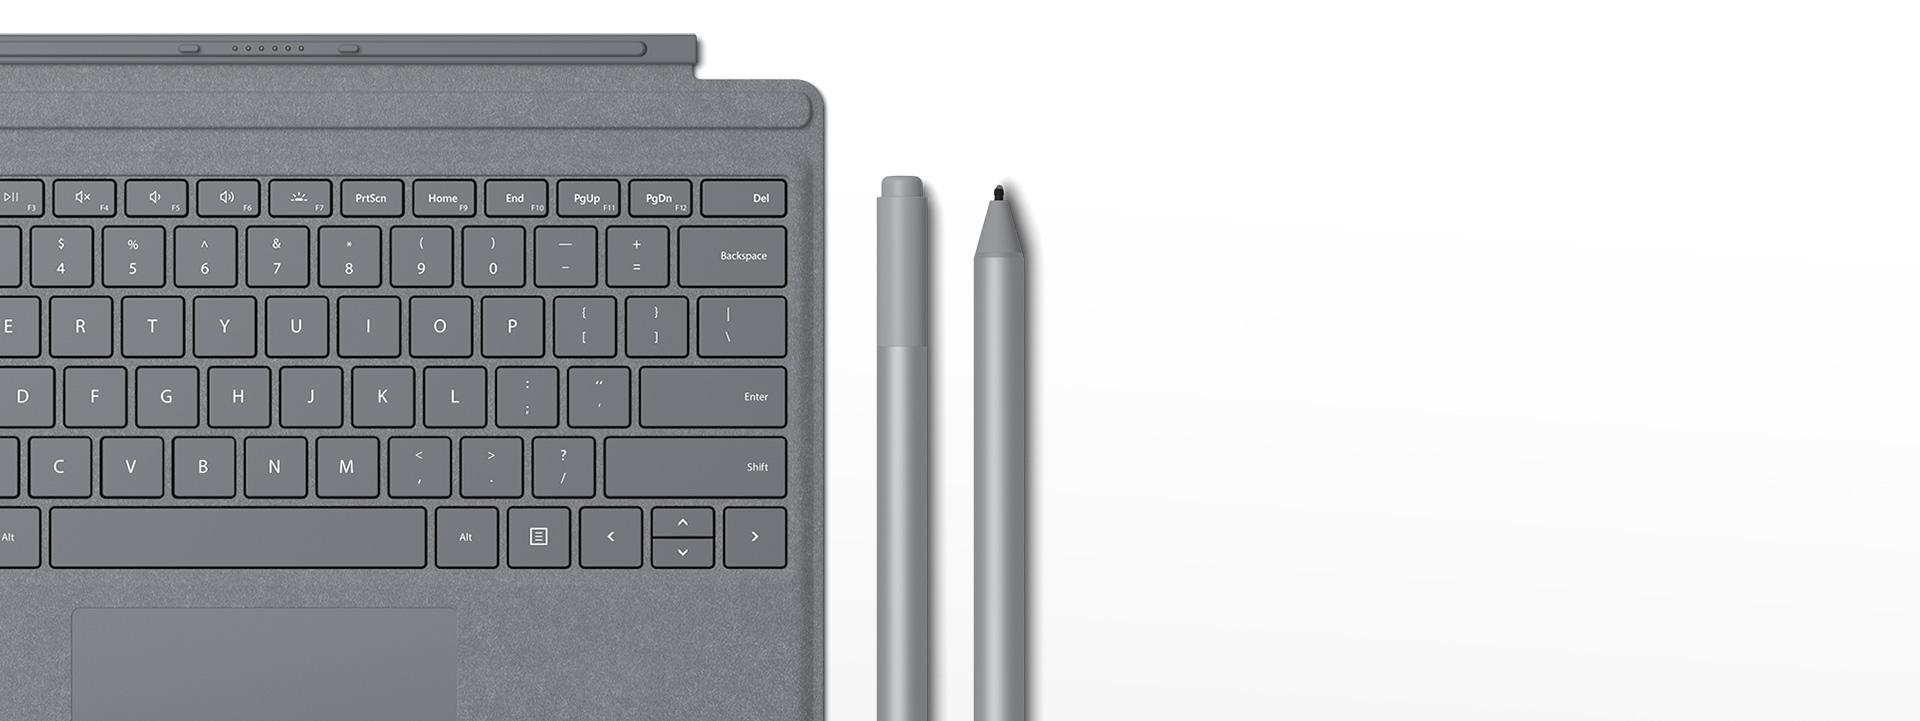 Clavier Type Cover pour Surface Pro, stylet Surface, ensemble de pointes de stylet Surface